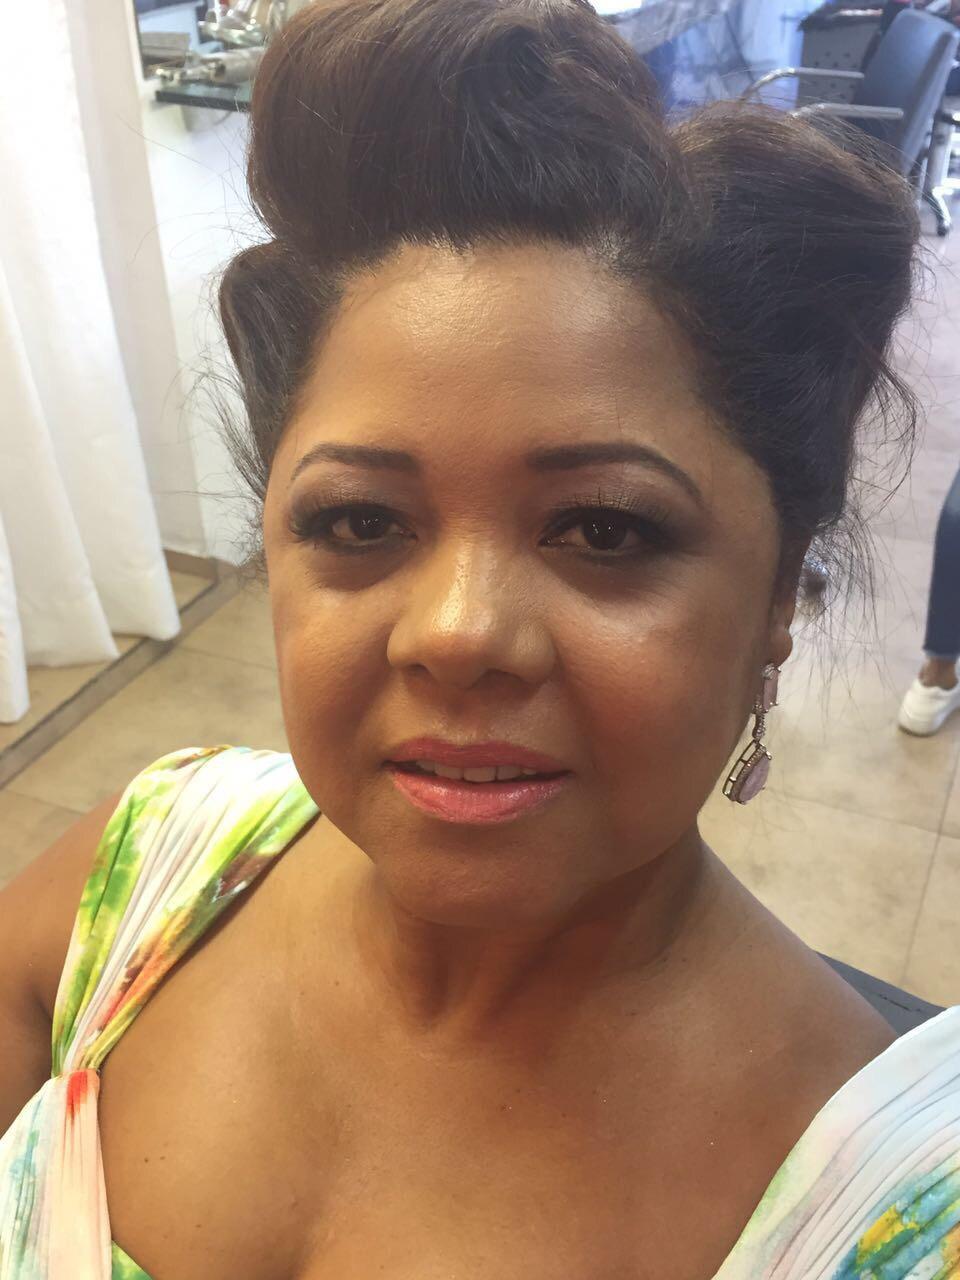 #casamentodia #madrinha #casamento  maquiagem maquiador(a) assistente maquiador(a)